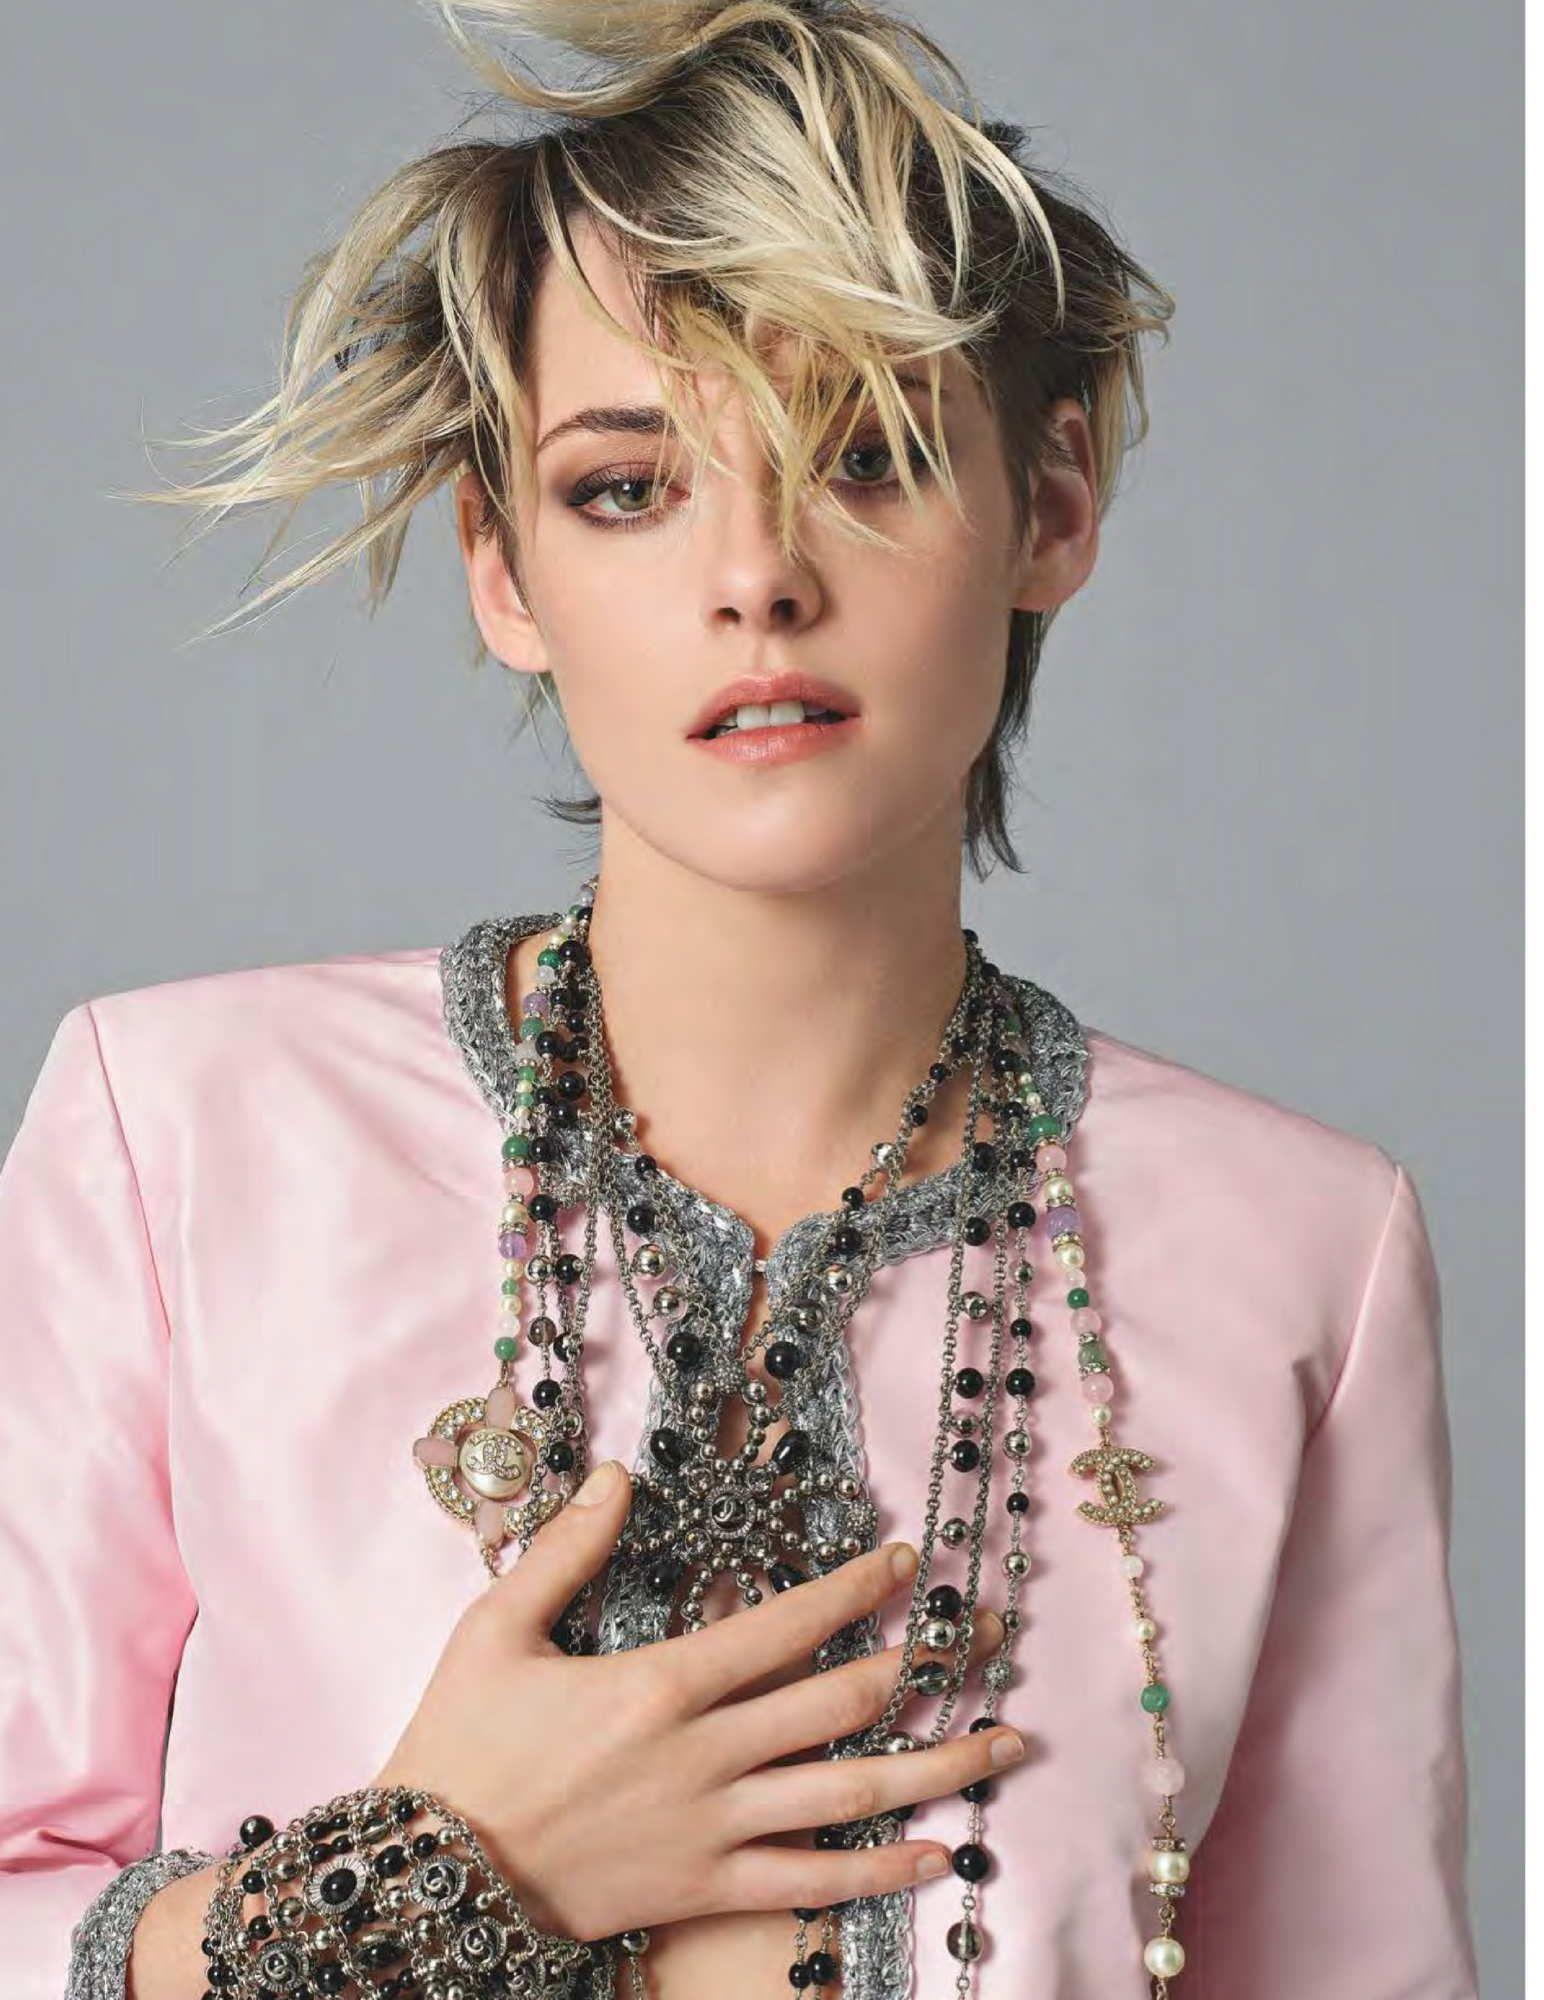 Kristen Stewart 2019 Kristen stewart movies, Kristen